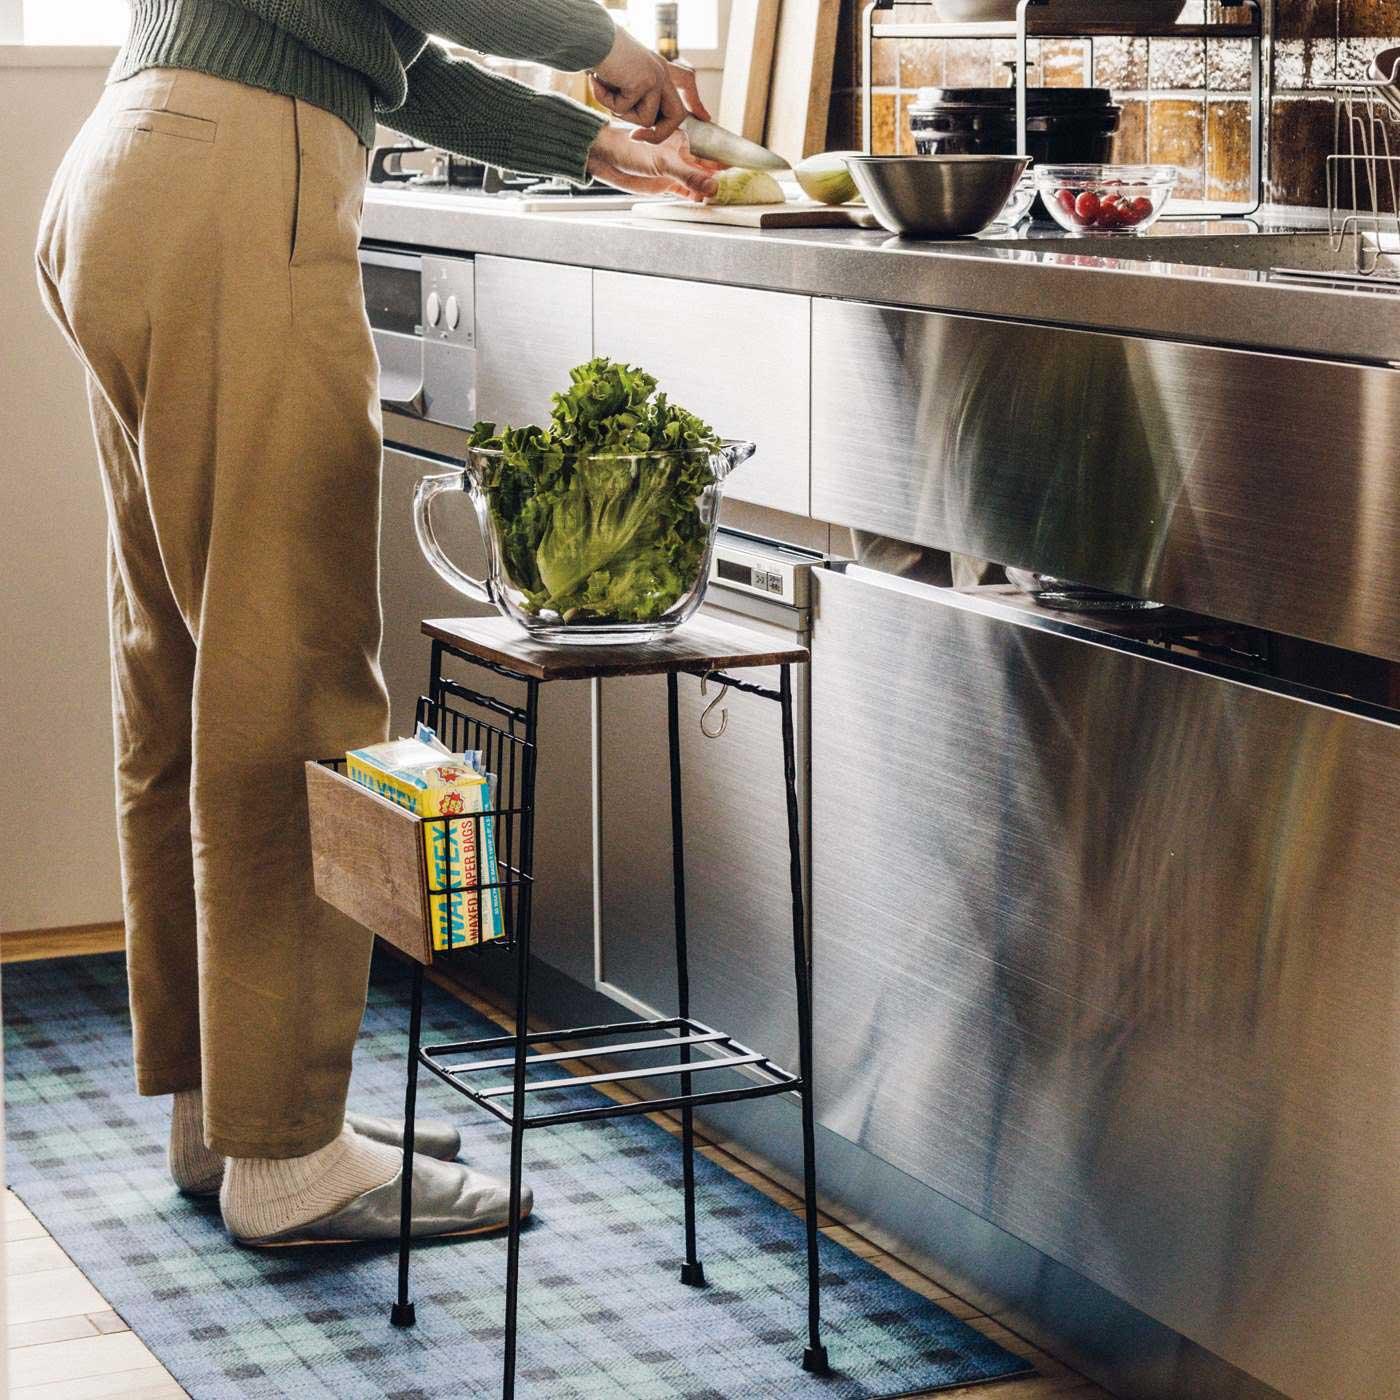 調理中のちょい置きテーブルとして活躍!